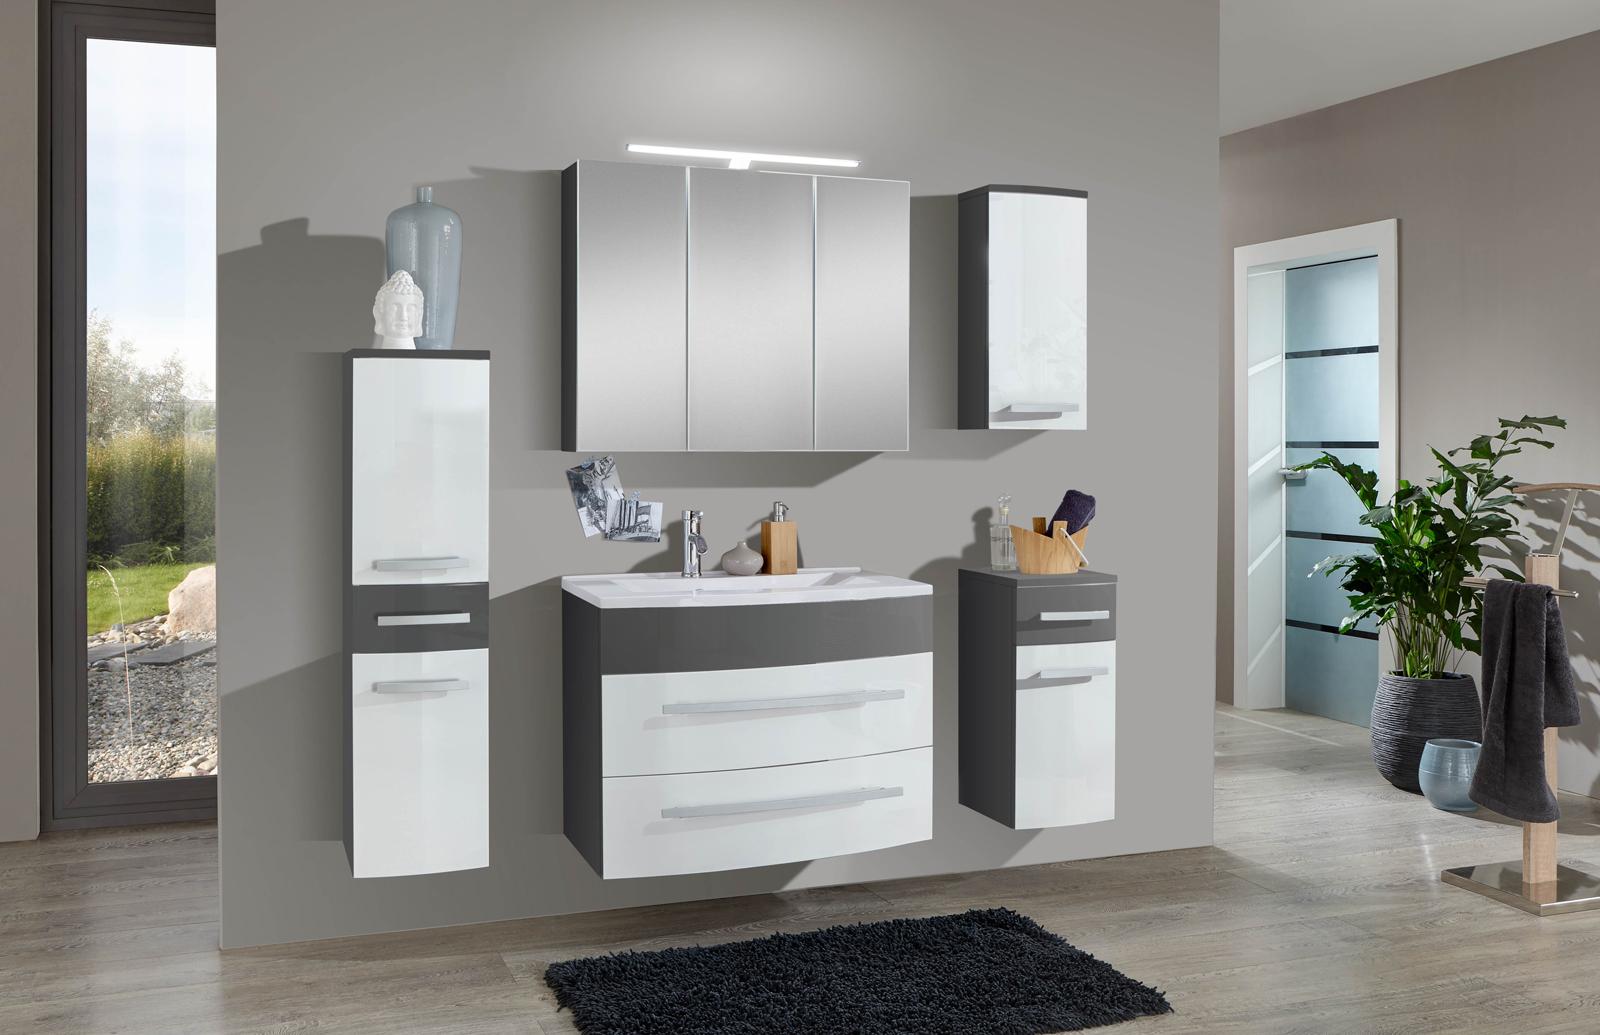 sam 5tlg badezimmer set hochglanz wei grau 80cm genf auf. Black Bedroom Furniture Sets. Home Design Ideas